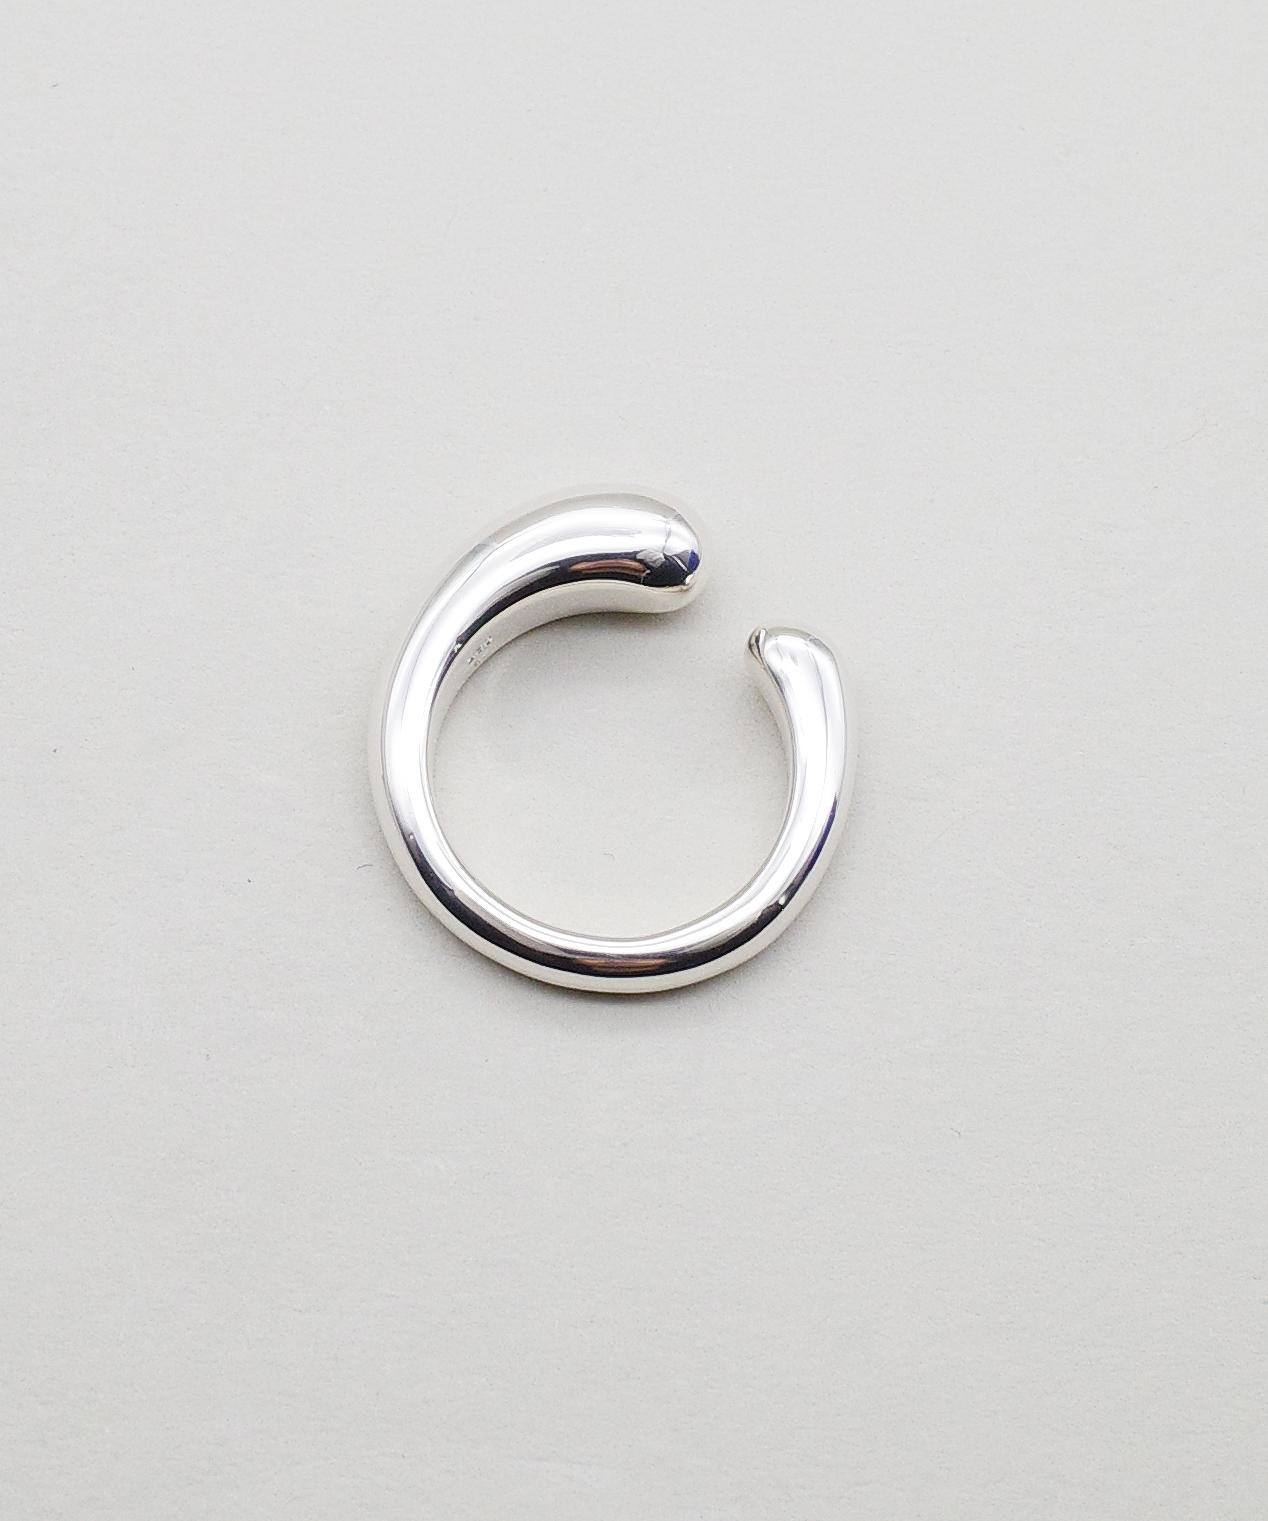 【ASAMI FUJIKAWA / アサミフジカワ】Thin Ring / リング / Silver925 /  1802009